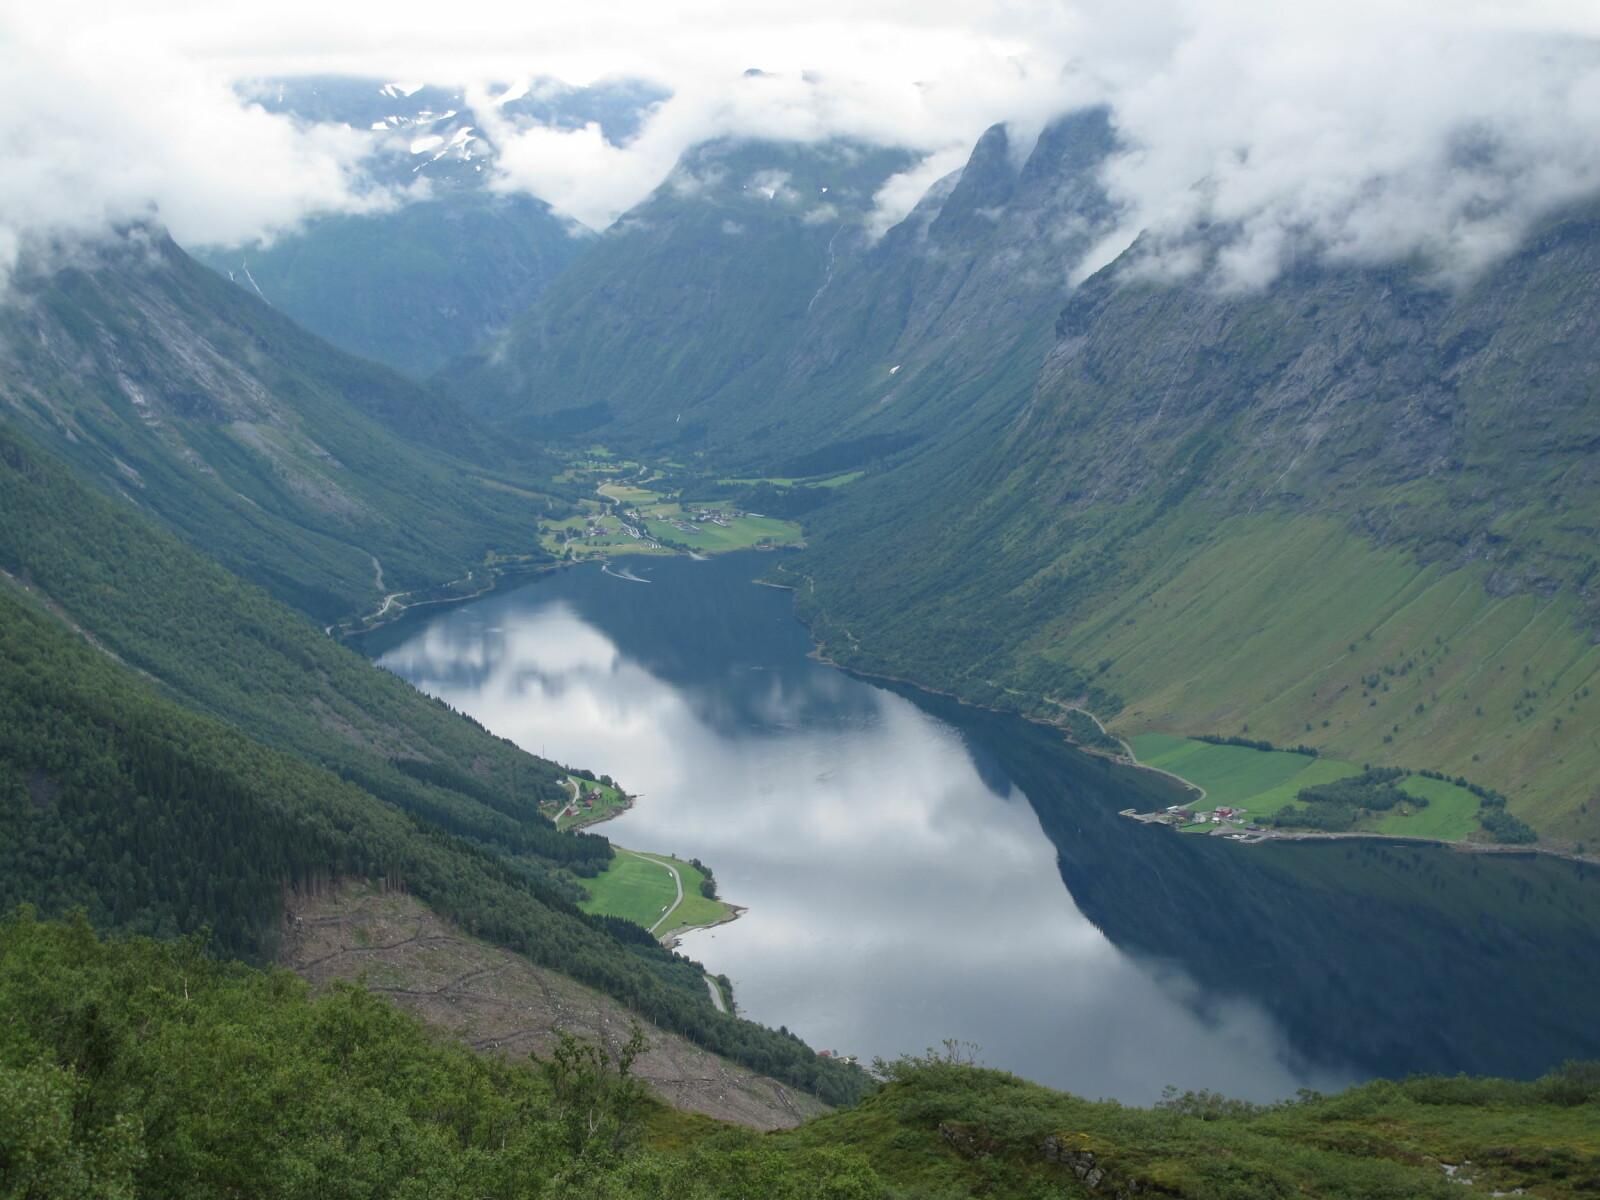 <b>SAKSA PÅ SUNNMØRE:</b> Utsikten fra Saksa  med Norangsdalen  i det fjerne er enda  flottere enn antatt.